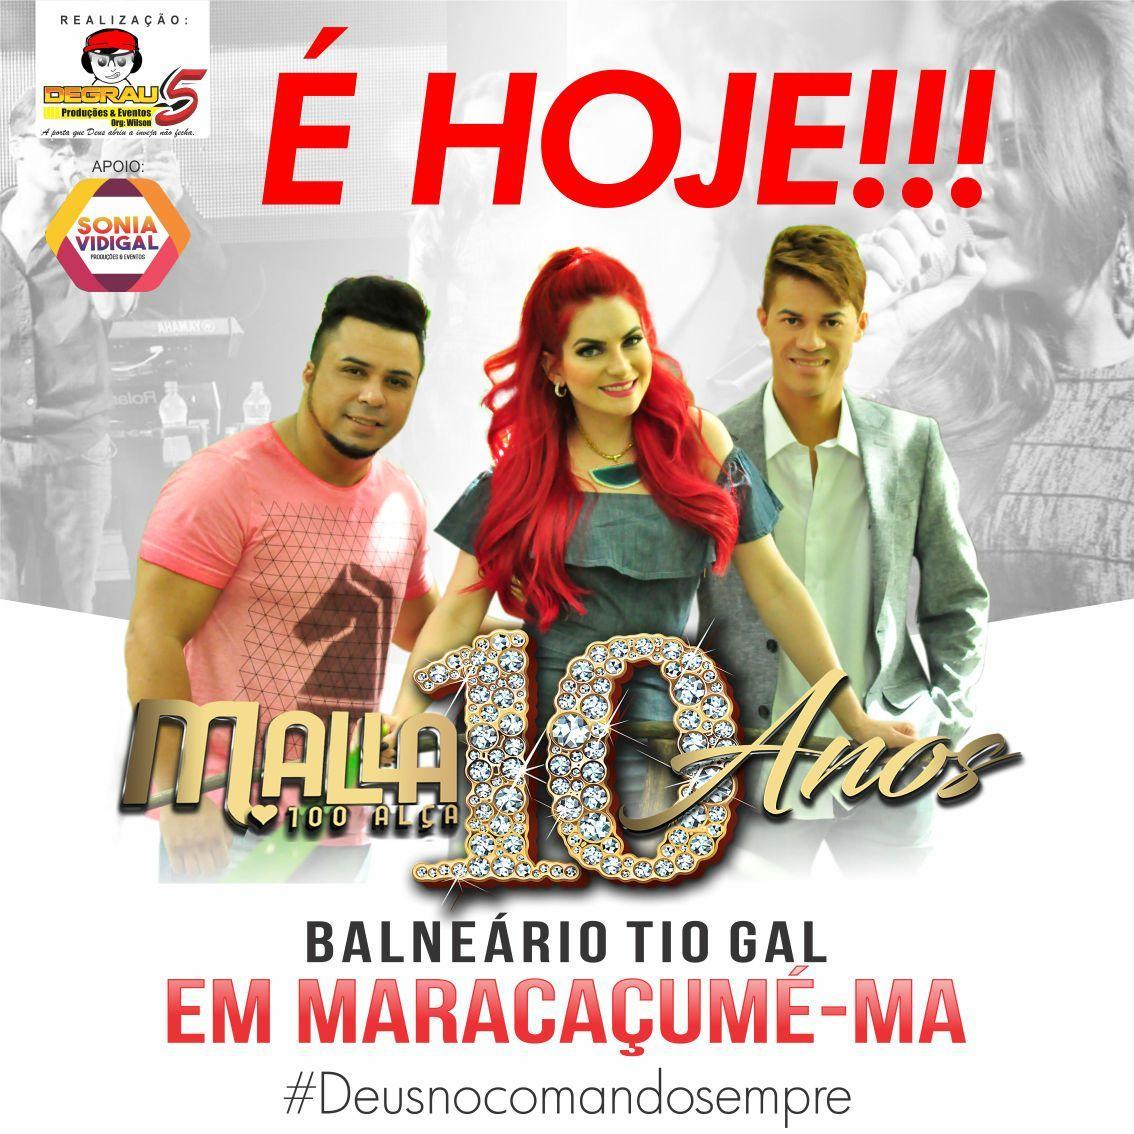 Show da Banda Mala 100 Alça acontece hoje, 16 - Blog Fernando Nascimento fe9b8b6bd0